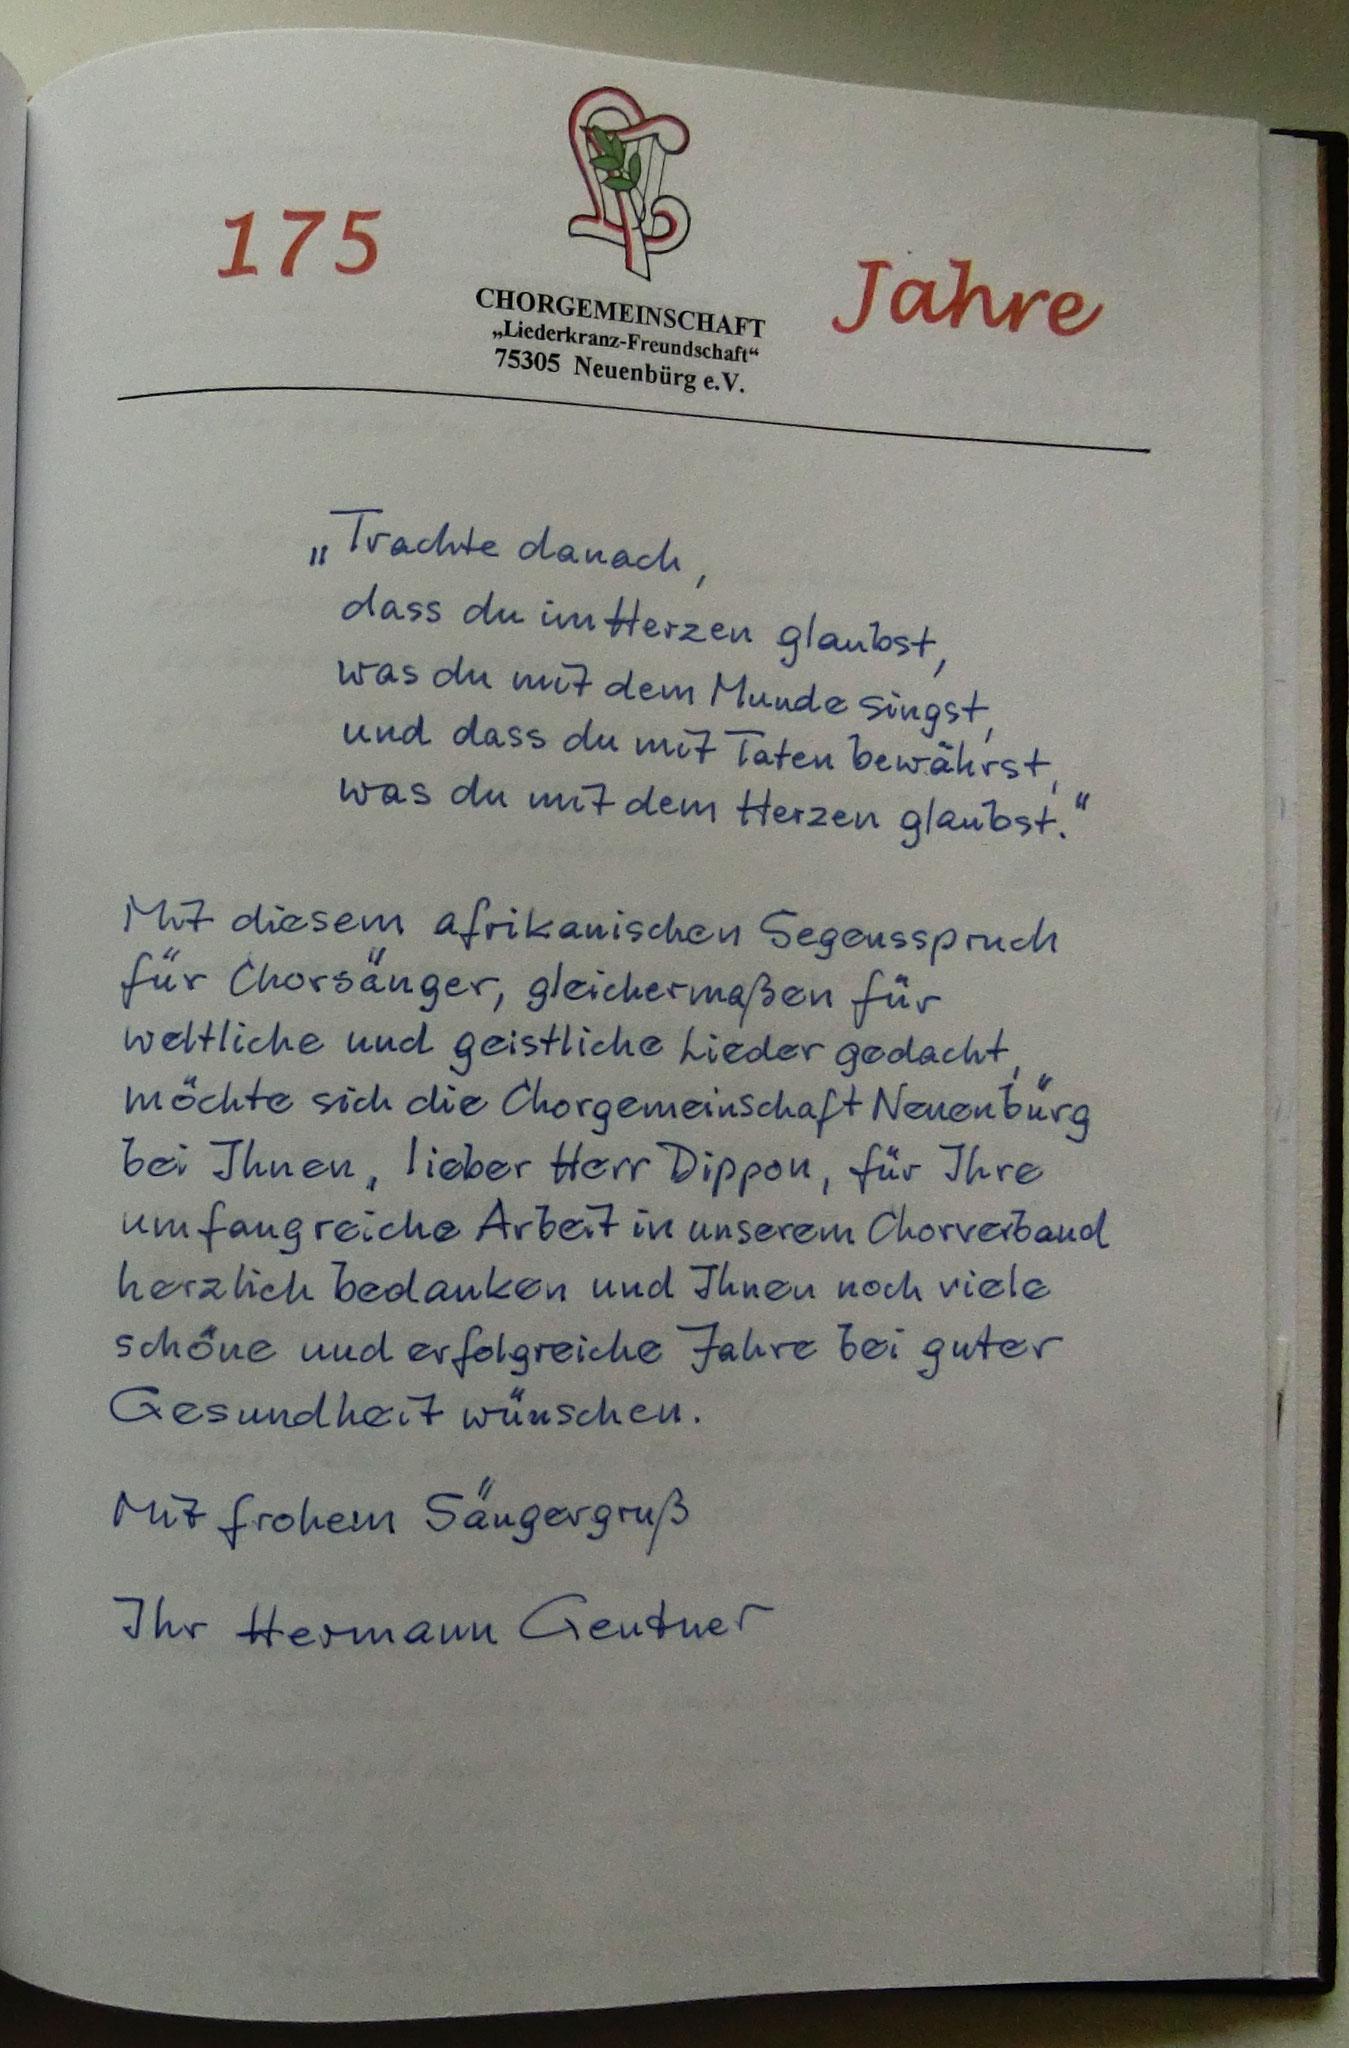 Liederkranz Freundschaft Neuenbürg